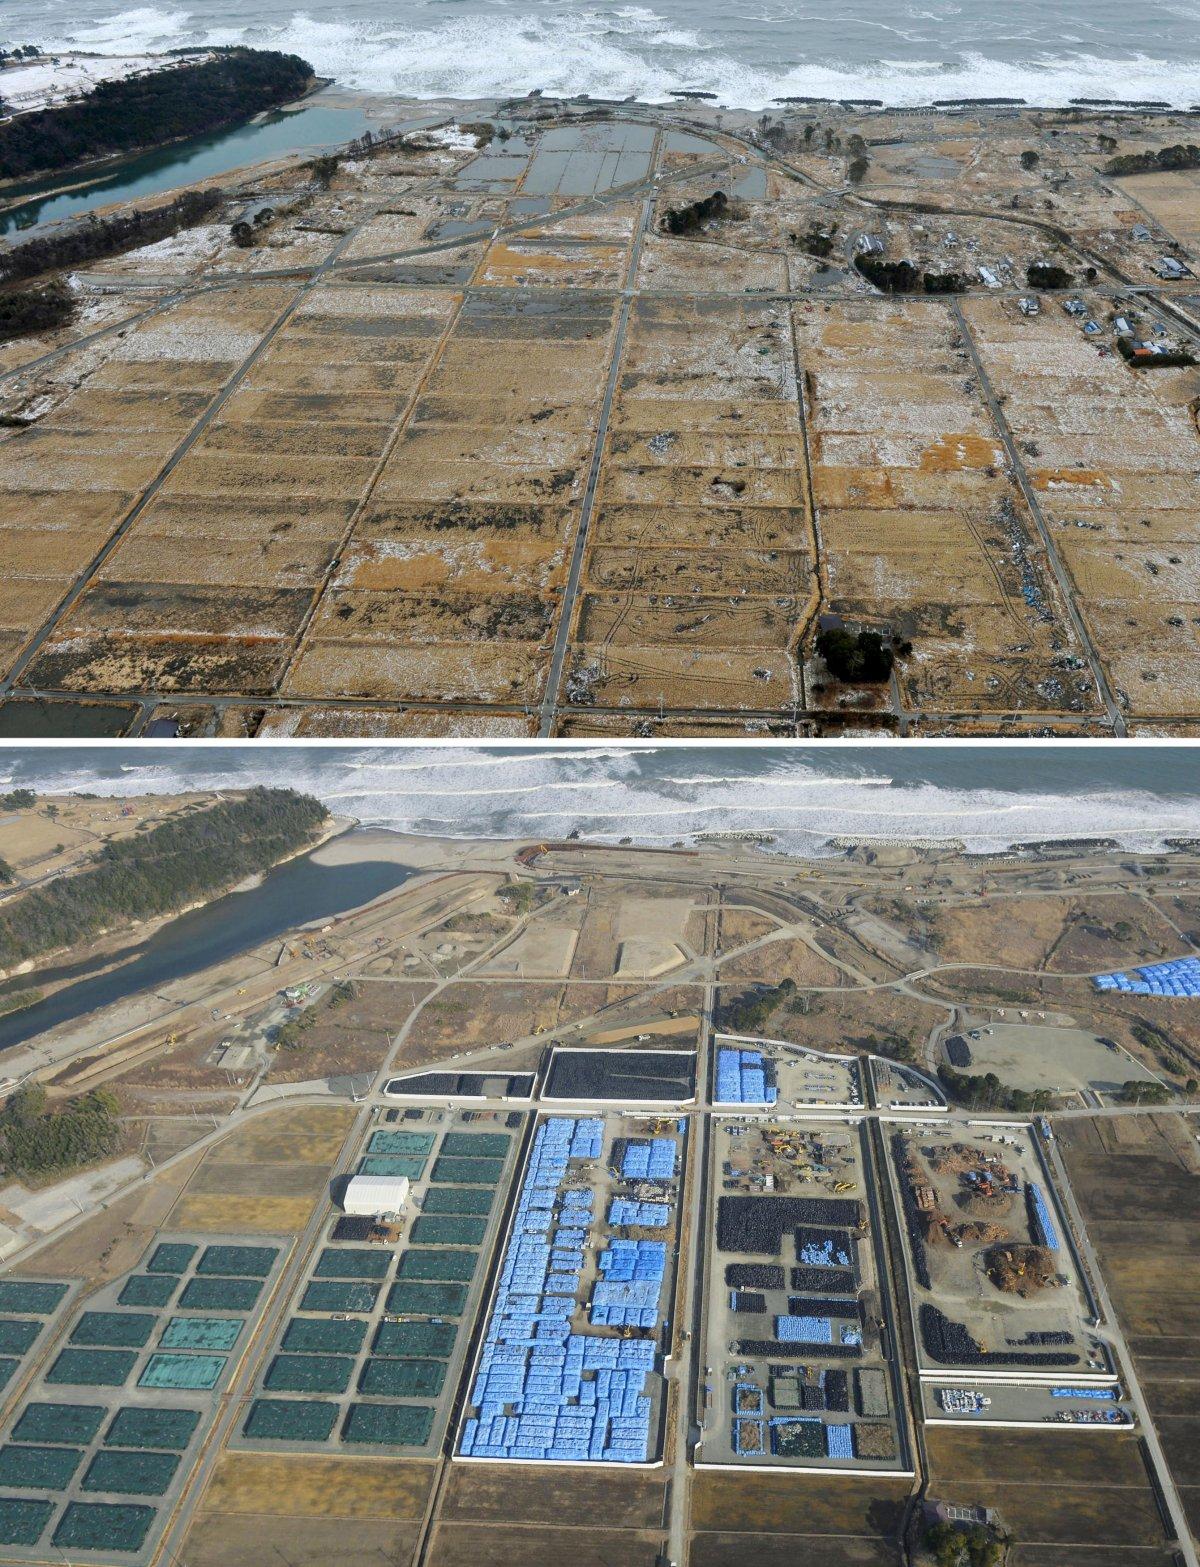 در خلال روزهای 12 تا 15 مارس 2011، سه انفجار هسته ای بزرگ در سایت صورت پذیرفته و سونامی باعث شده بود تا سیستم خنک کننده نیروگاه از کار بیفتد. پس از سونامی، بیشترین میزان تلفات و خسارت در سه استان ایواته، میاگی و فوکوشیما گزارش شده بود.